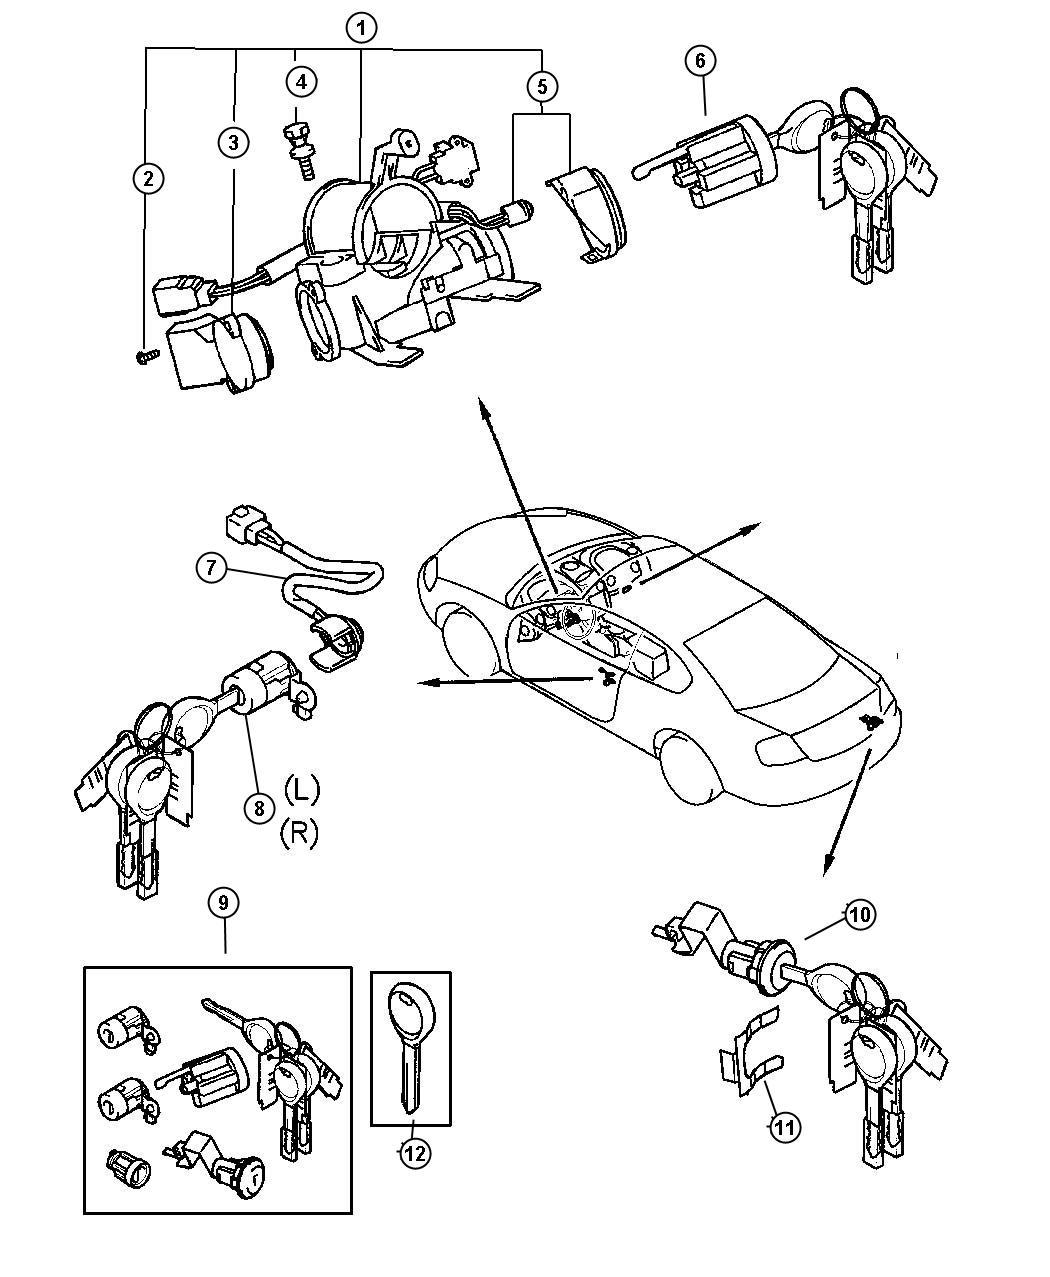 Chrysler Sebring Cylinder. Key set. [4-speed automatic